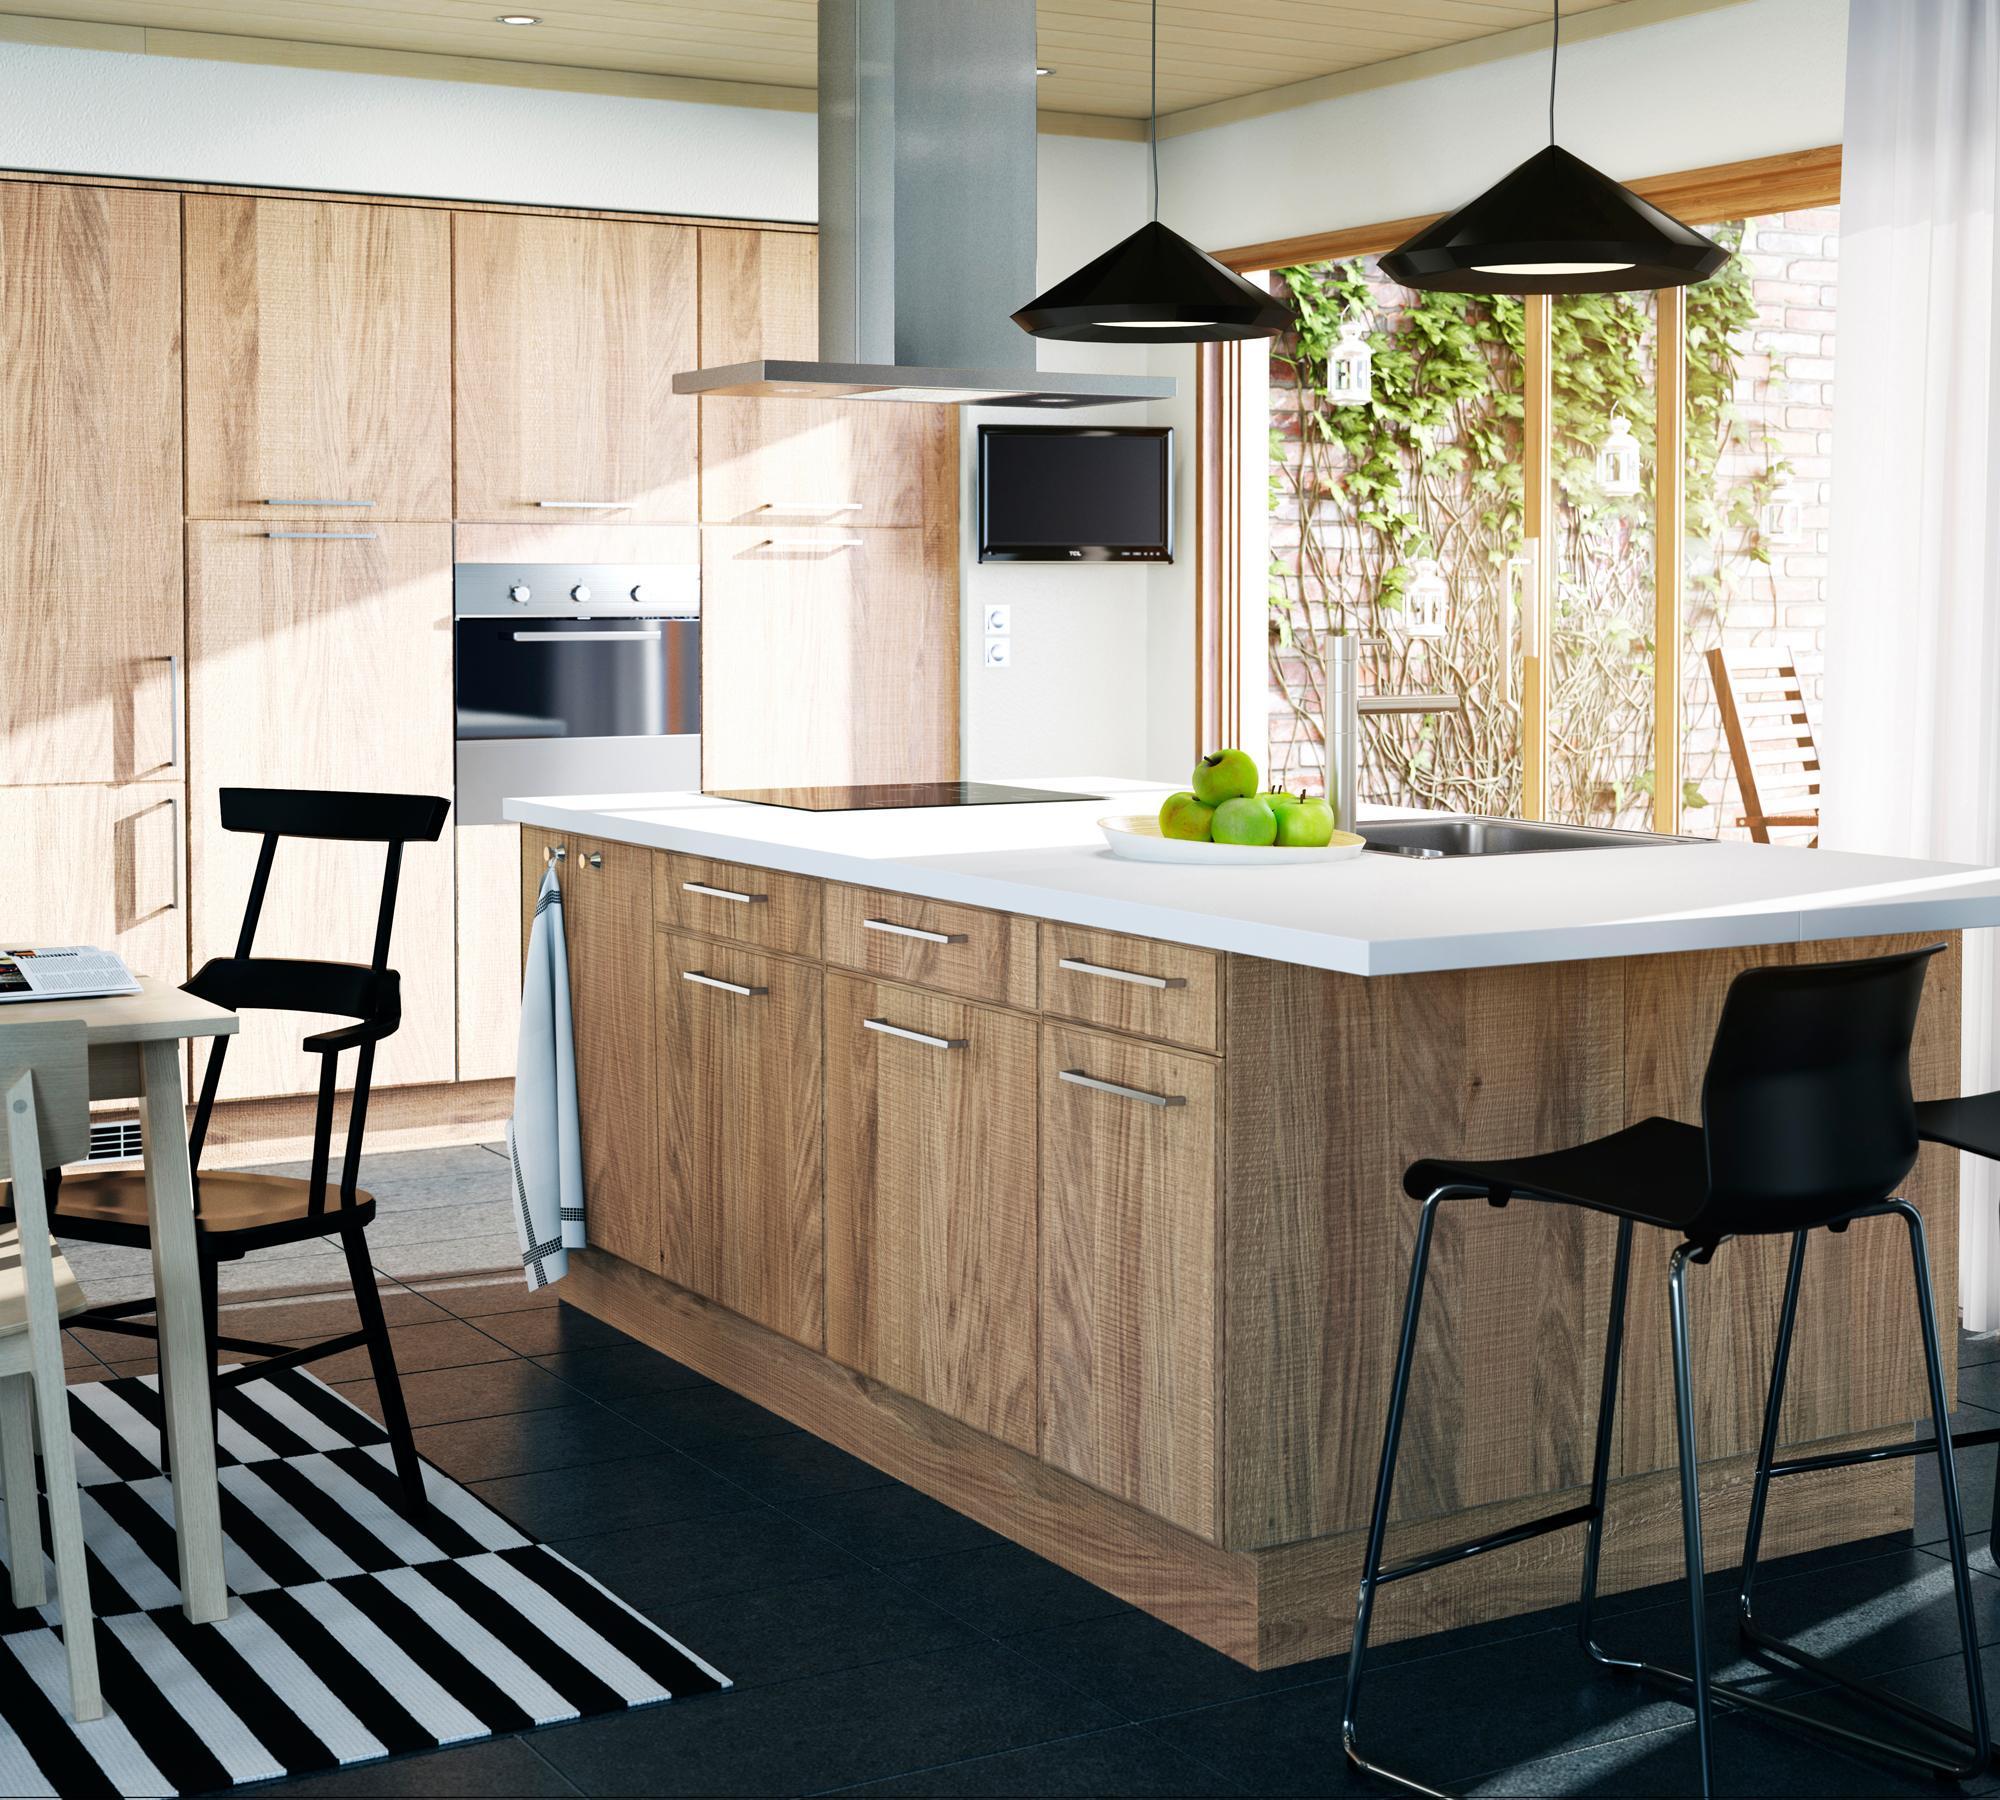 Full Size of Kchenblock Und Einbauschrnke Aus Holz In Moderner Modulküche Ikea Küche Kosten Betten Bei Kaufen Miniküche 160x200 Sofa Mit Schlaffunktion Wohnzimmer Kücheninsel Ikea